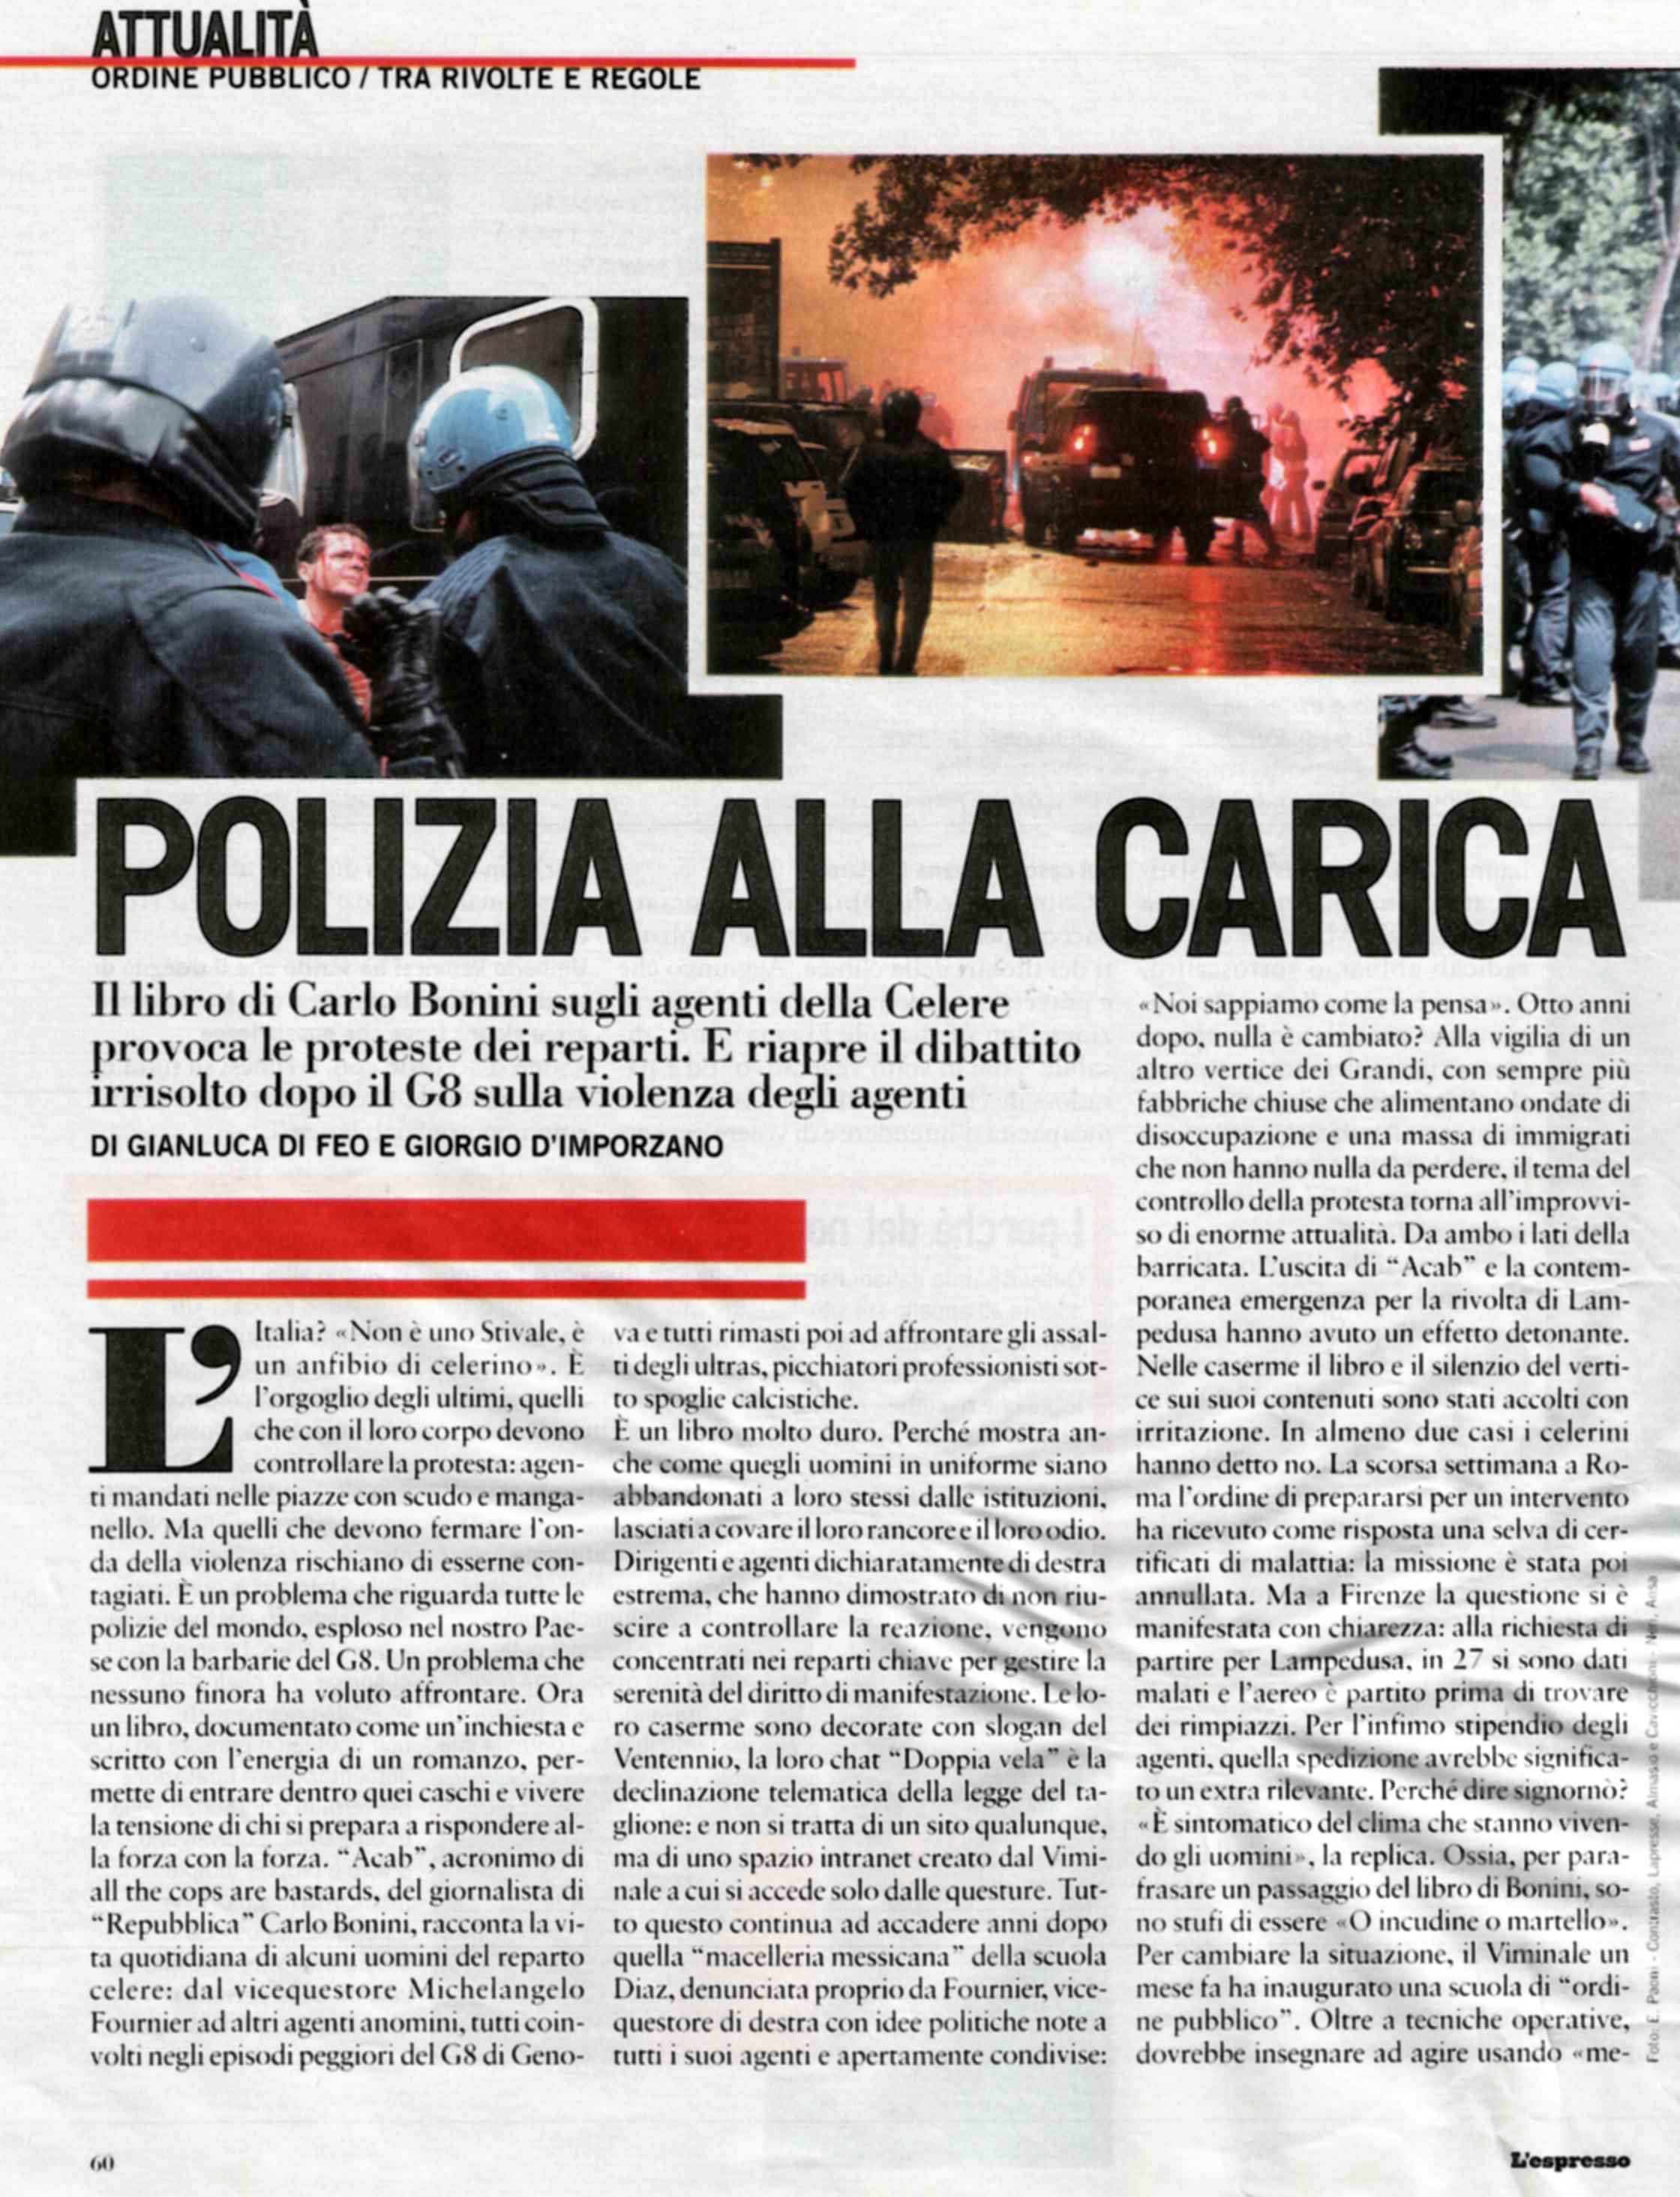 Polizia alla Carica - L'Espresso 05-feb-09